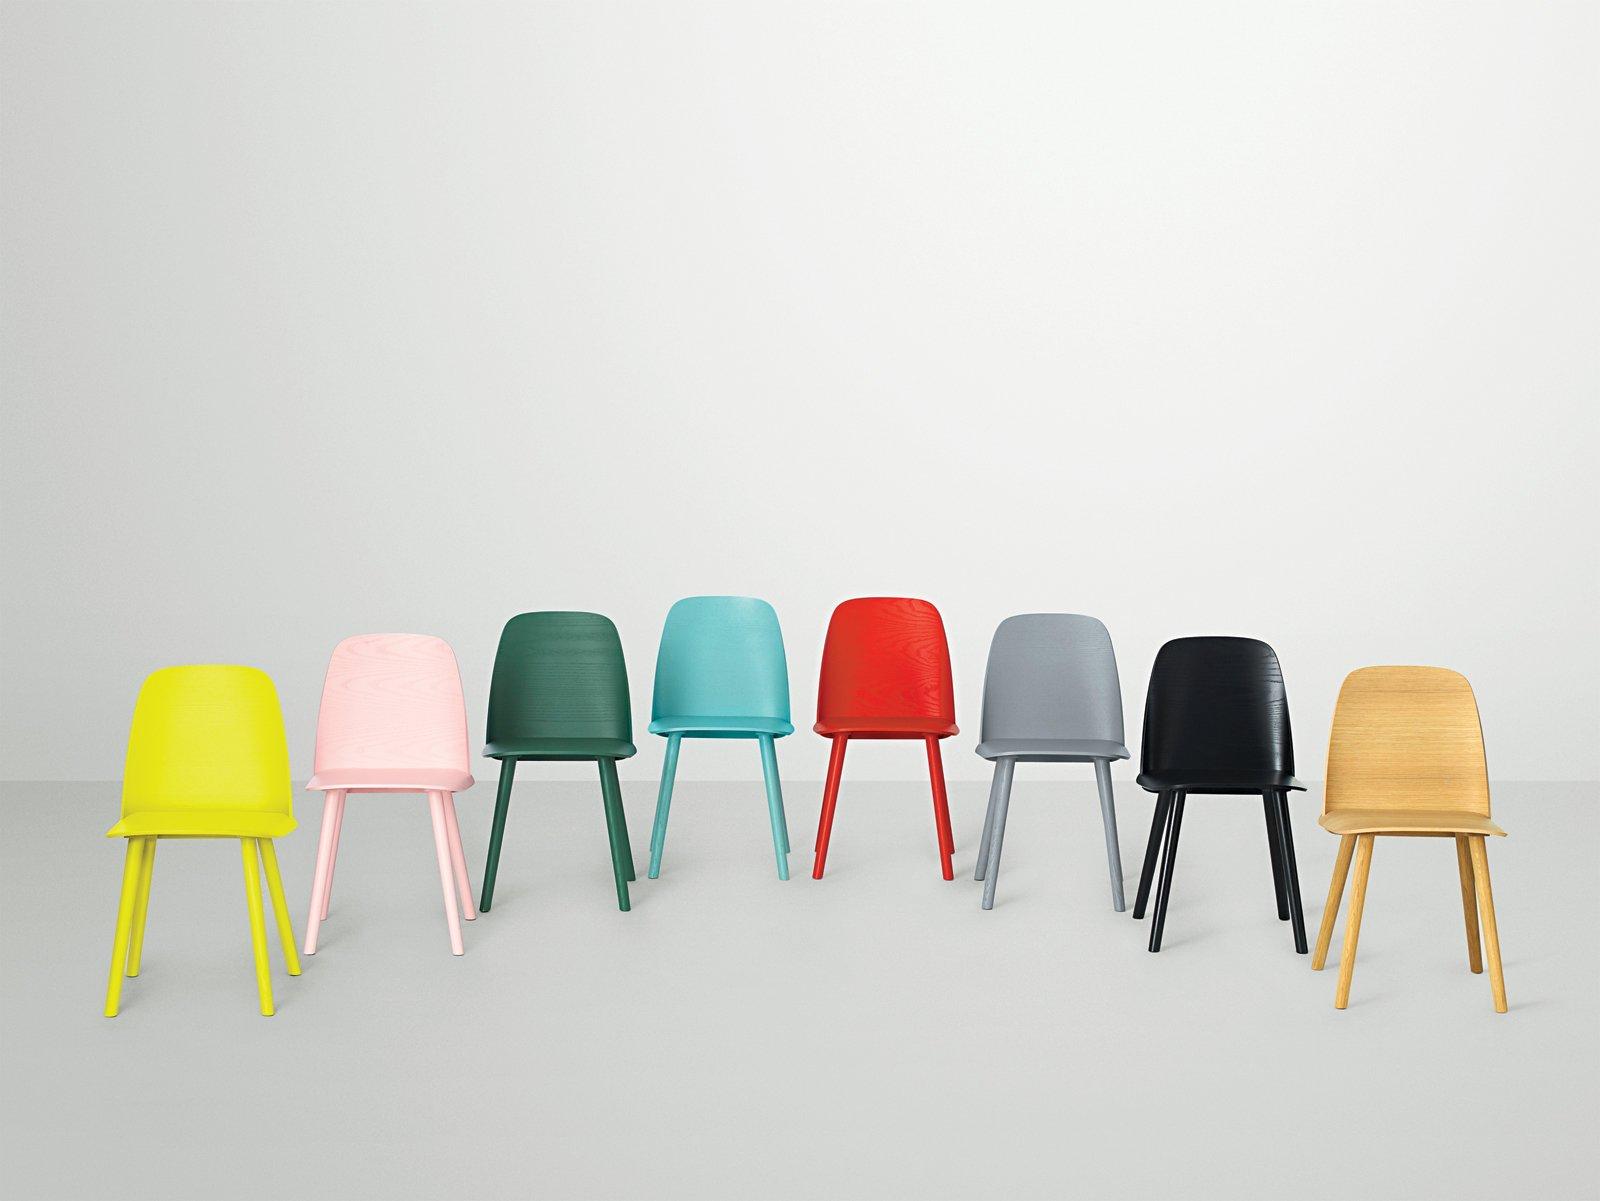 Nerd Chair by David Geckler, $499  Photo 6 of 9 in Scandinavian Design Focus: Muuto